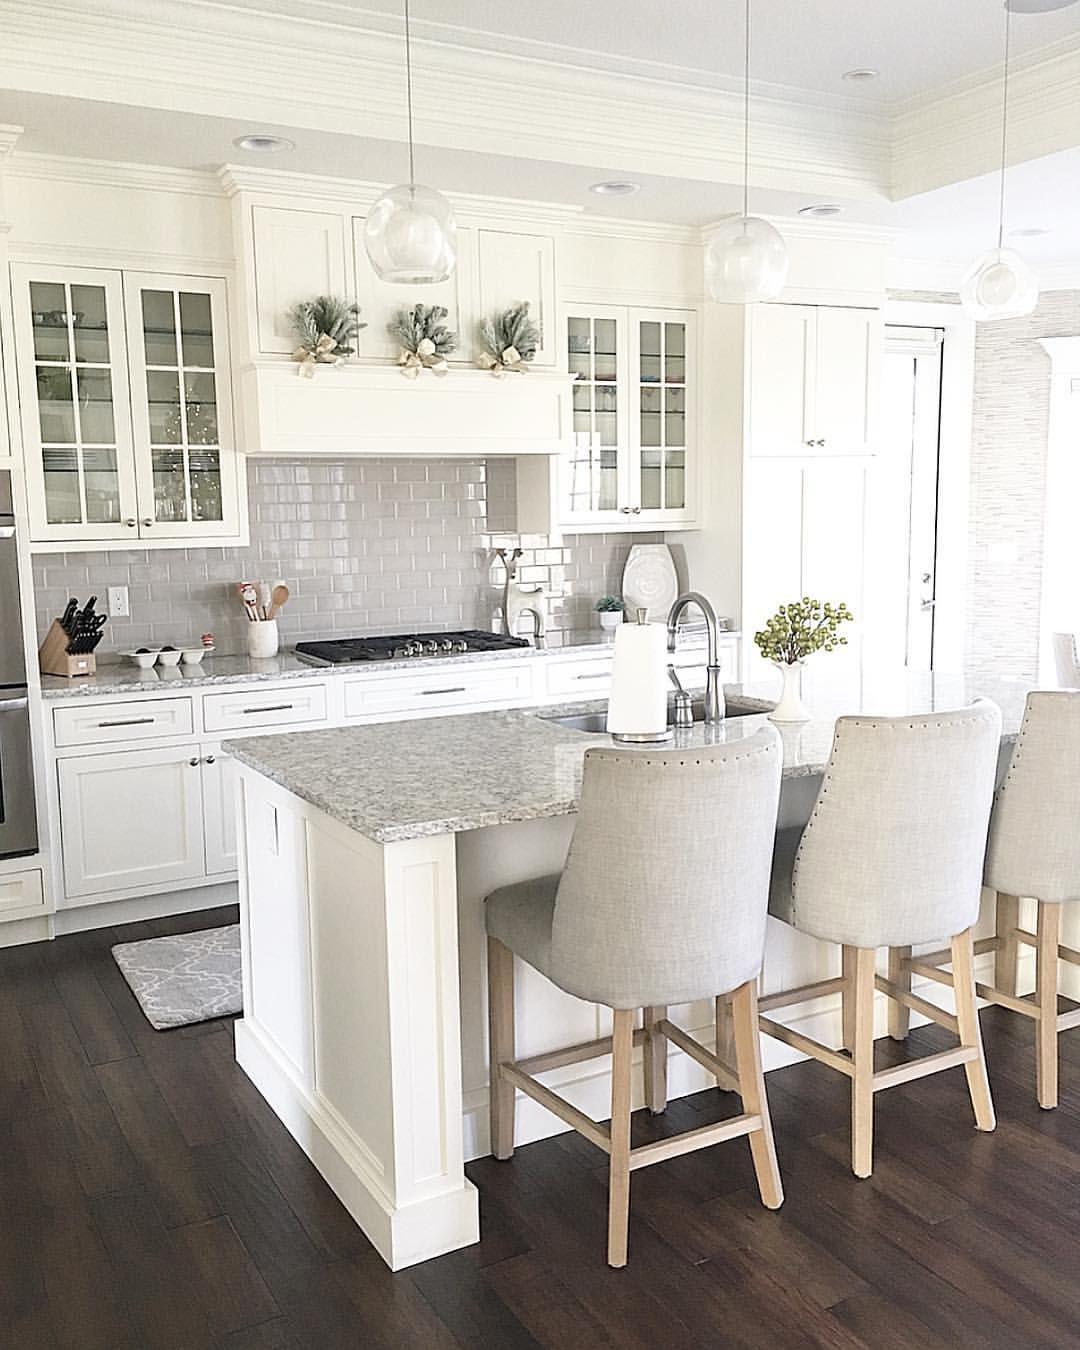 White Kitchen Cabinets Design: Kitchen Cabinet Design, White Kitchen